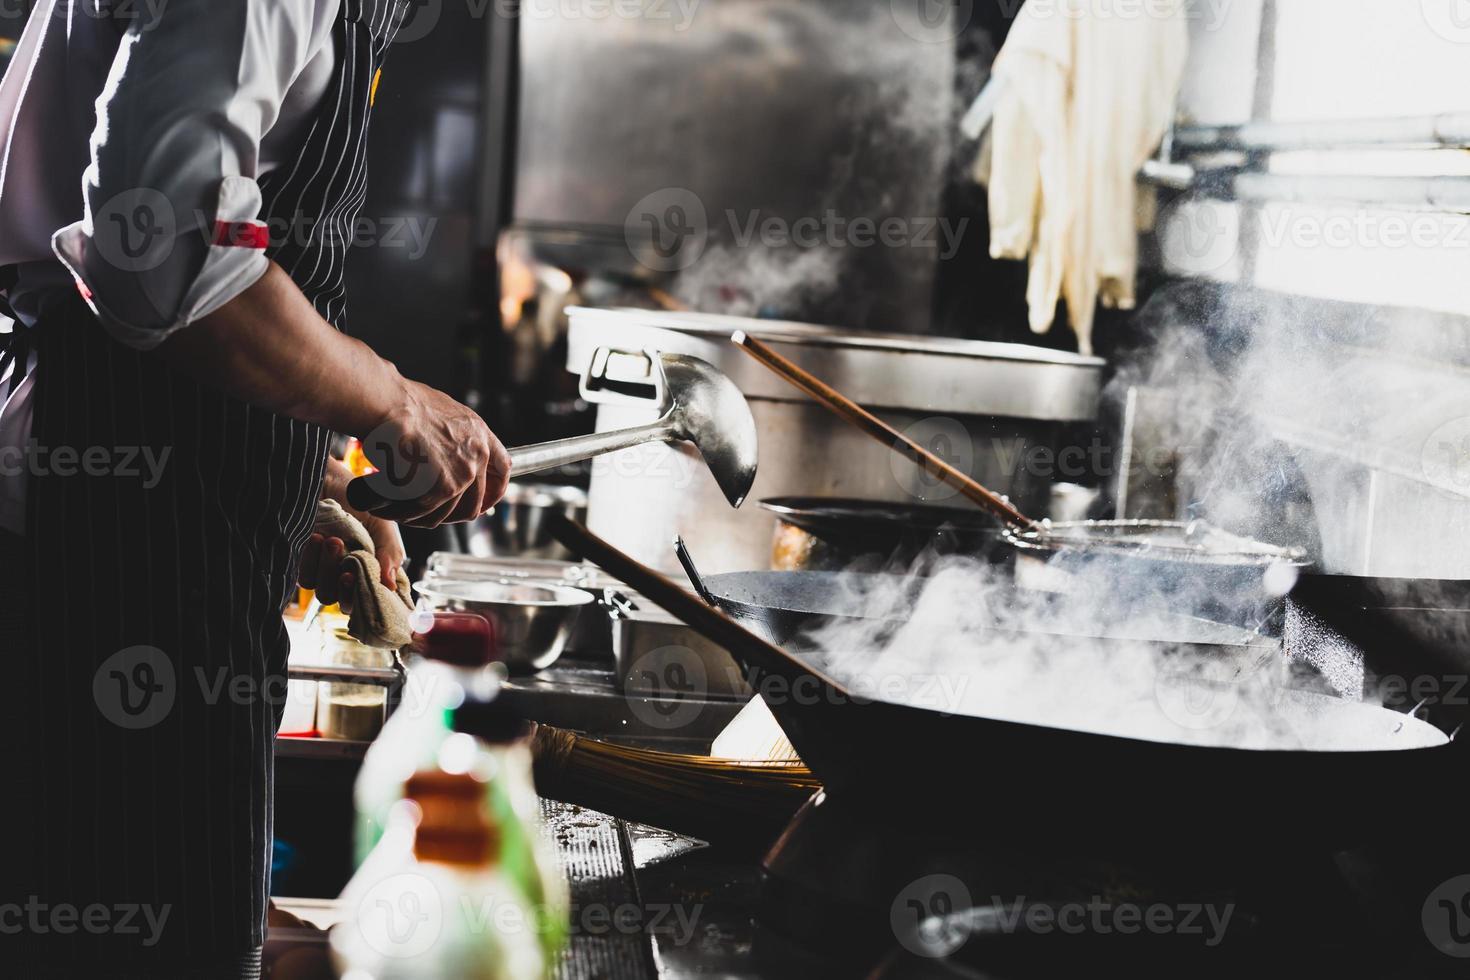 Chefkoch im Wok braten foto